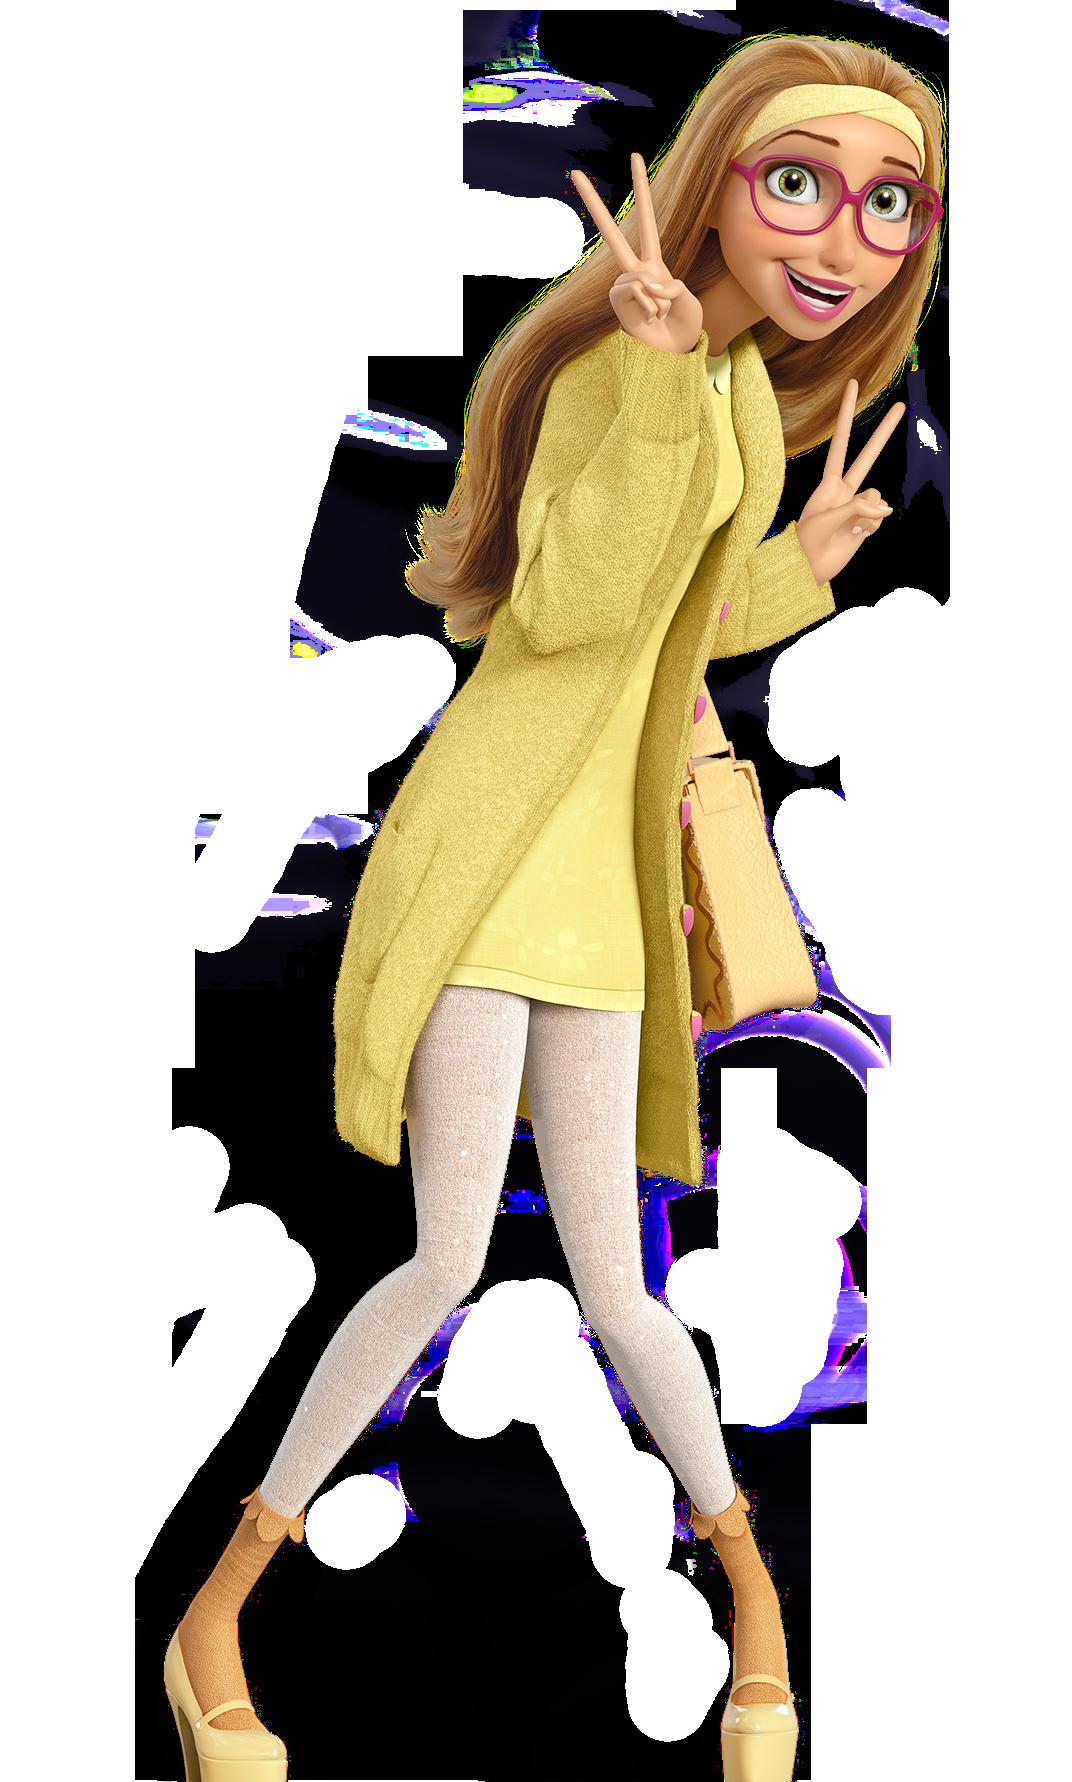 Yellow Peter Pan Collar Dress